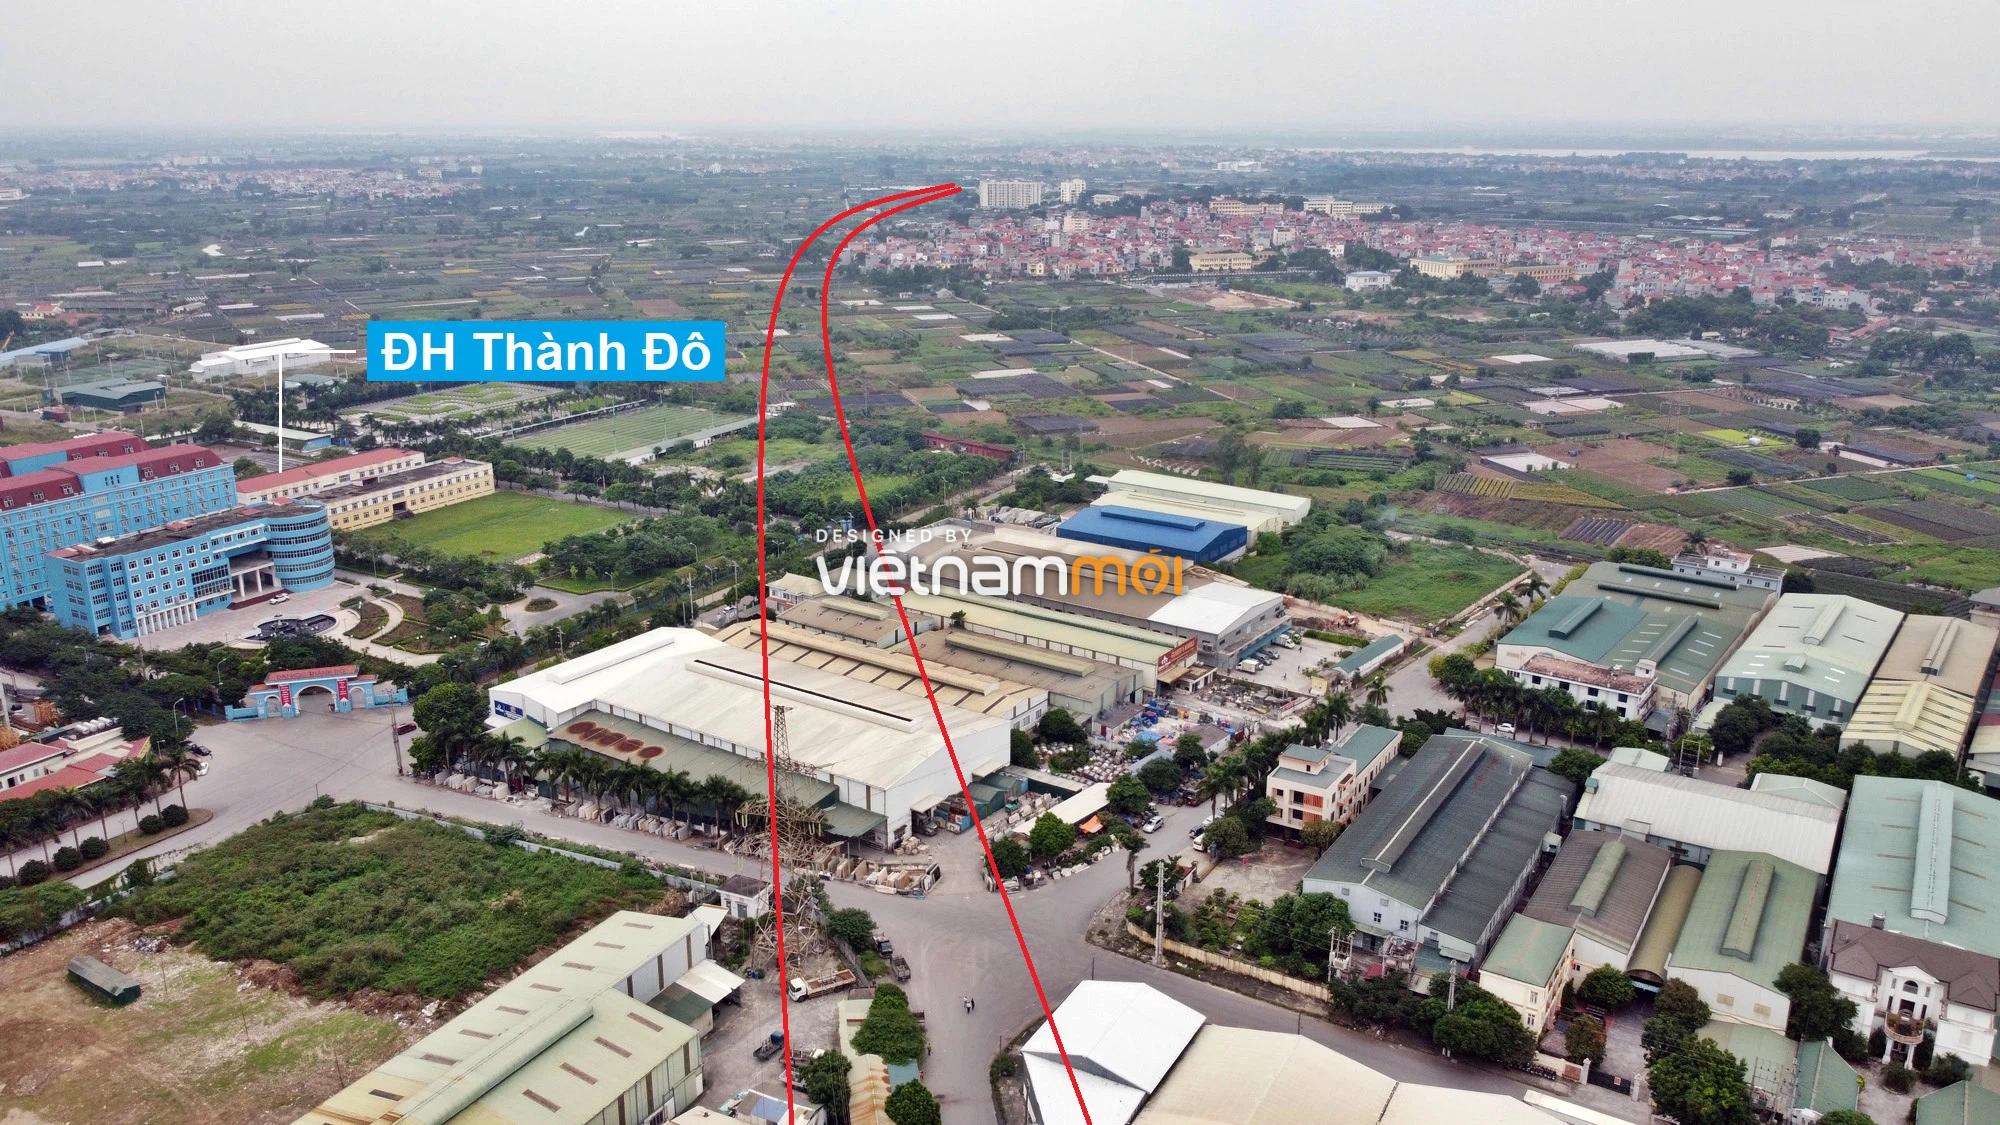 Đường Vành đai 3,5 sẽ mở theo quy hoạch qua quận Bắc Từ Liêm, Hà Nội - Ảnh 3.